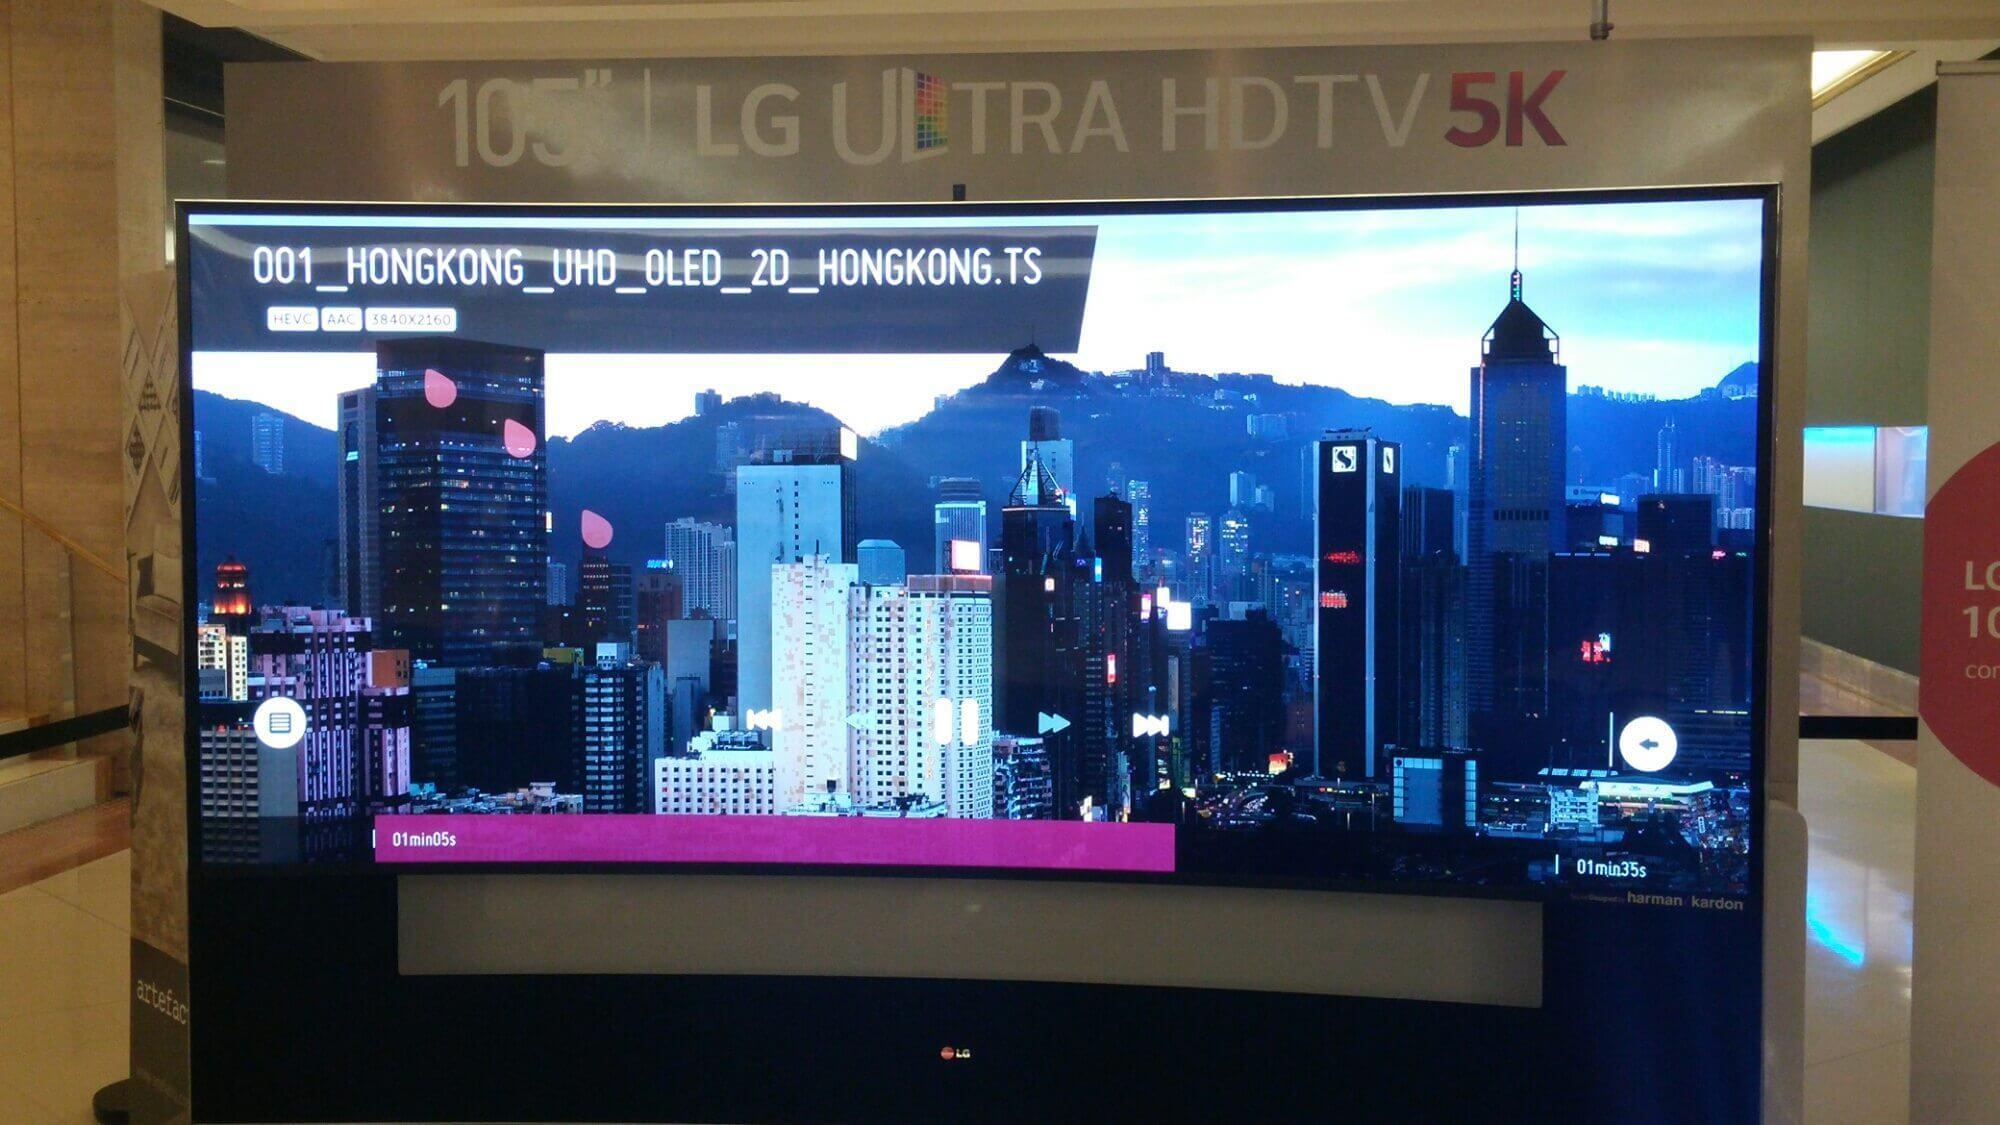 LG ultrapassa o 4K e lança TV Ultra HD 5K no Brasil